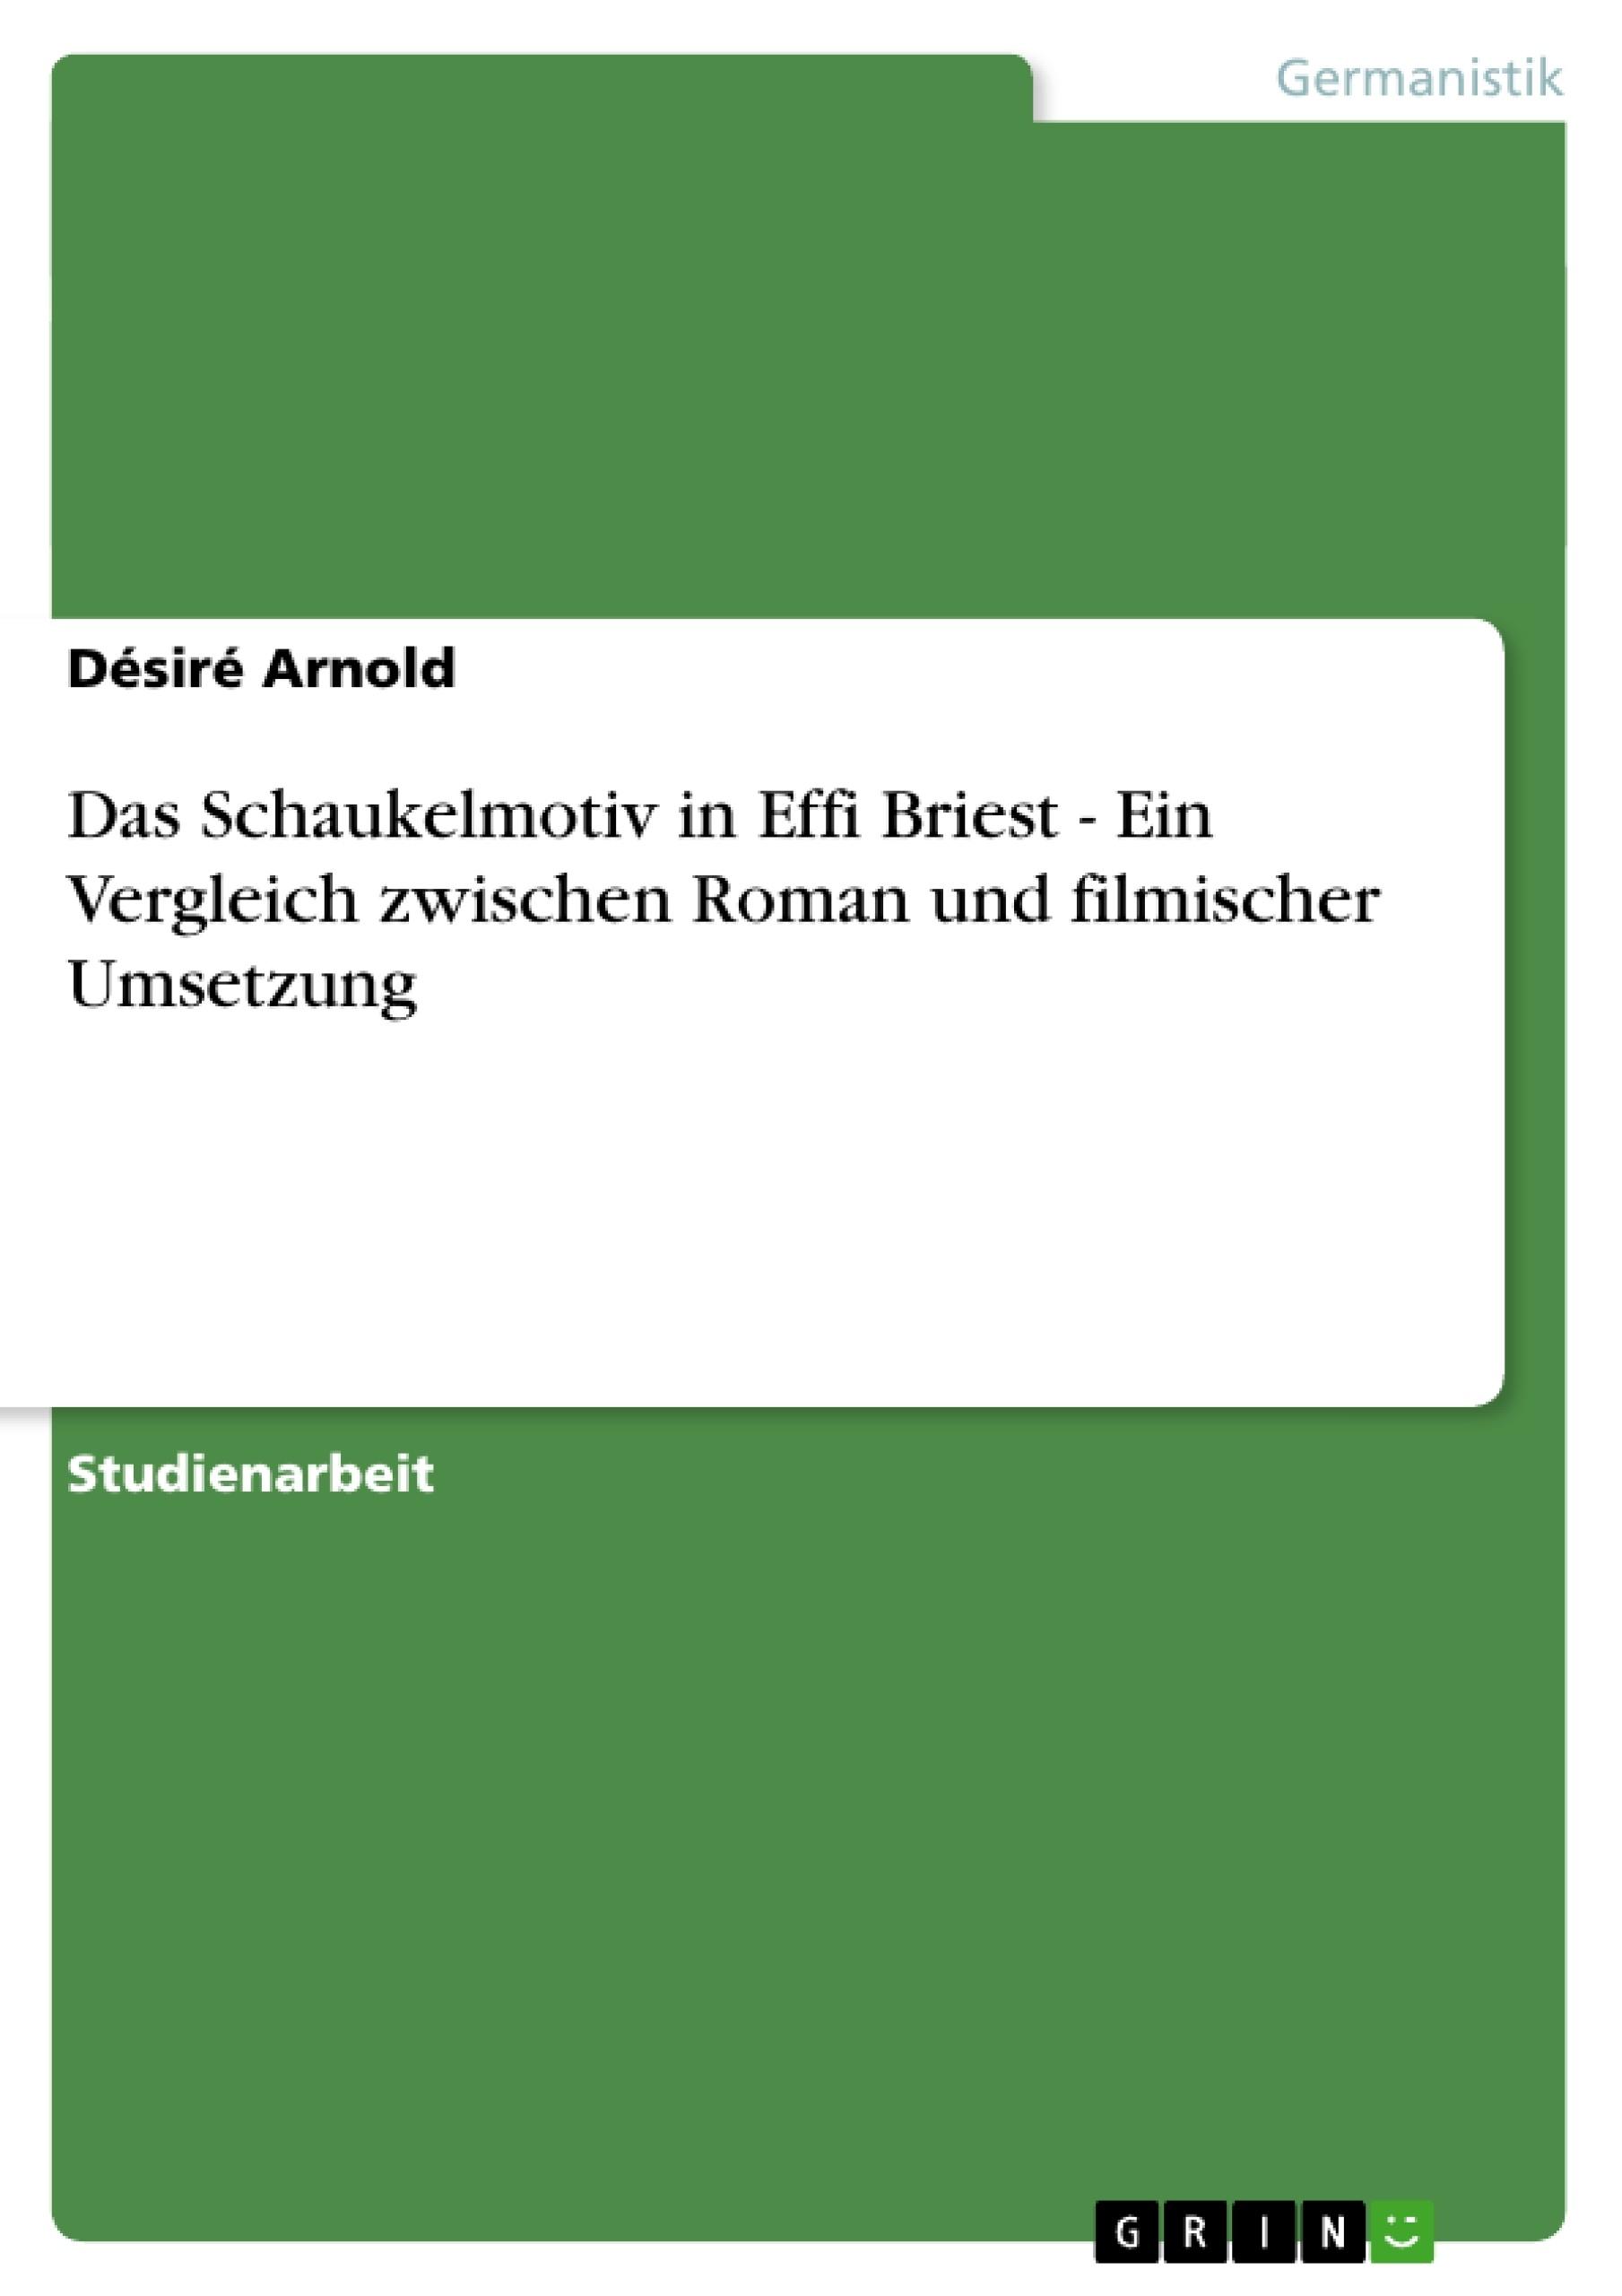 Titel: Das Schaukelmotiv in Effi Briest - Ein Vergleich zwischen Roman und filmischer Umsetzung